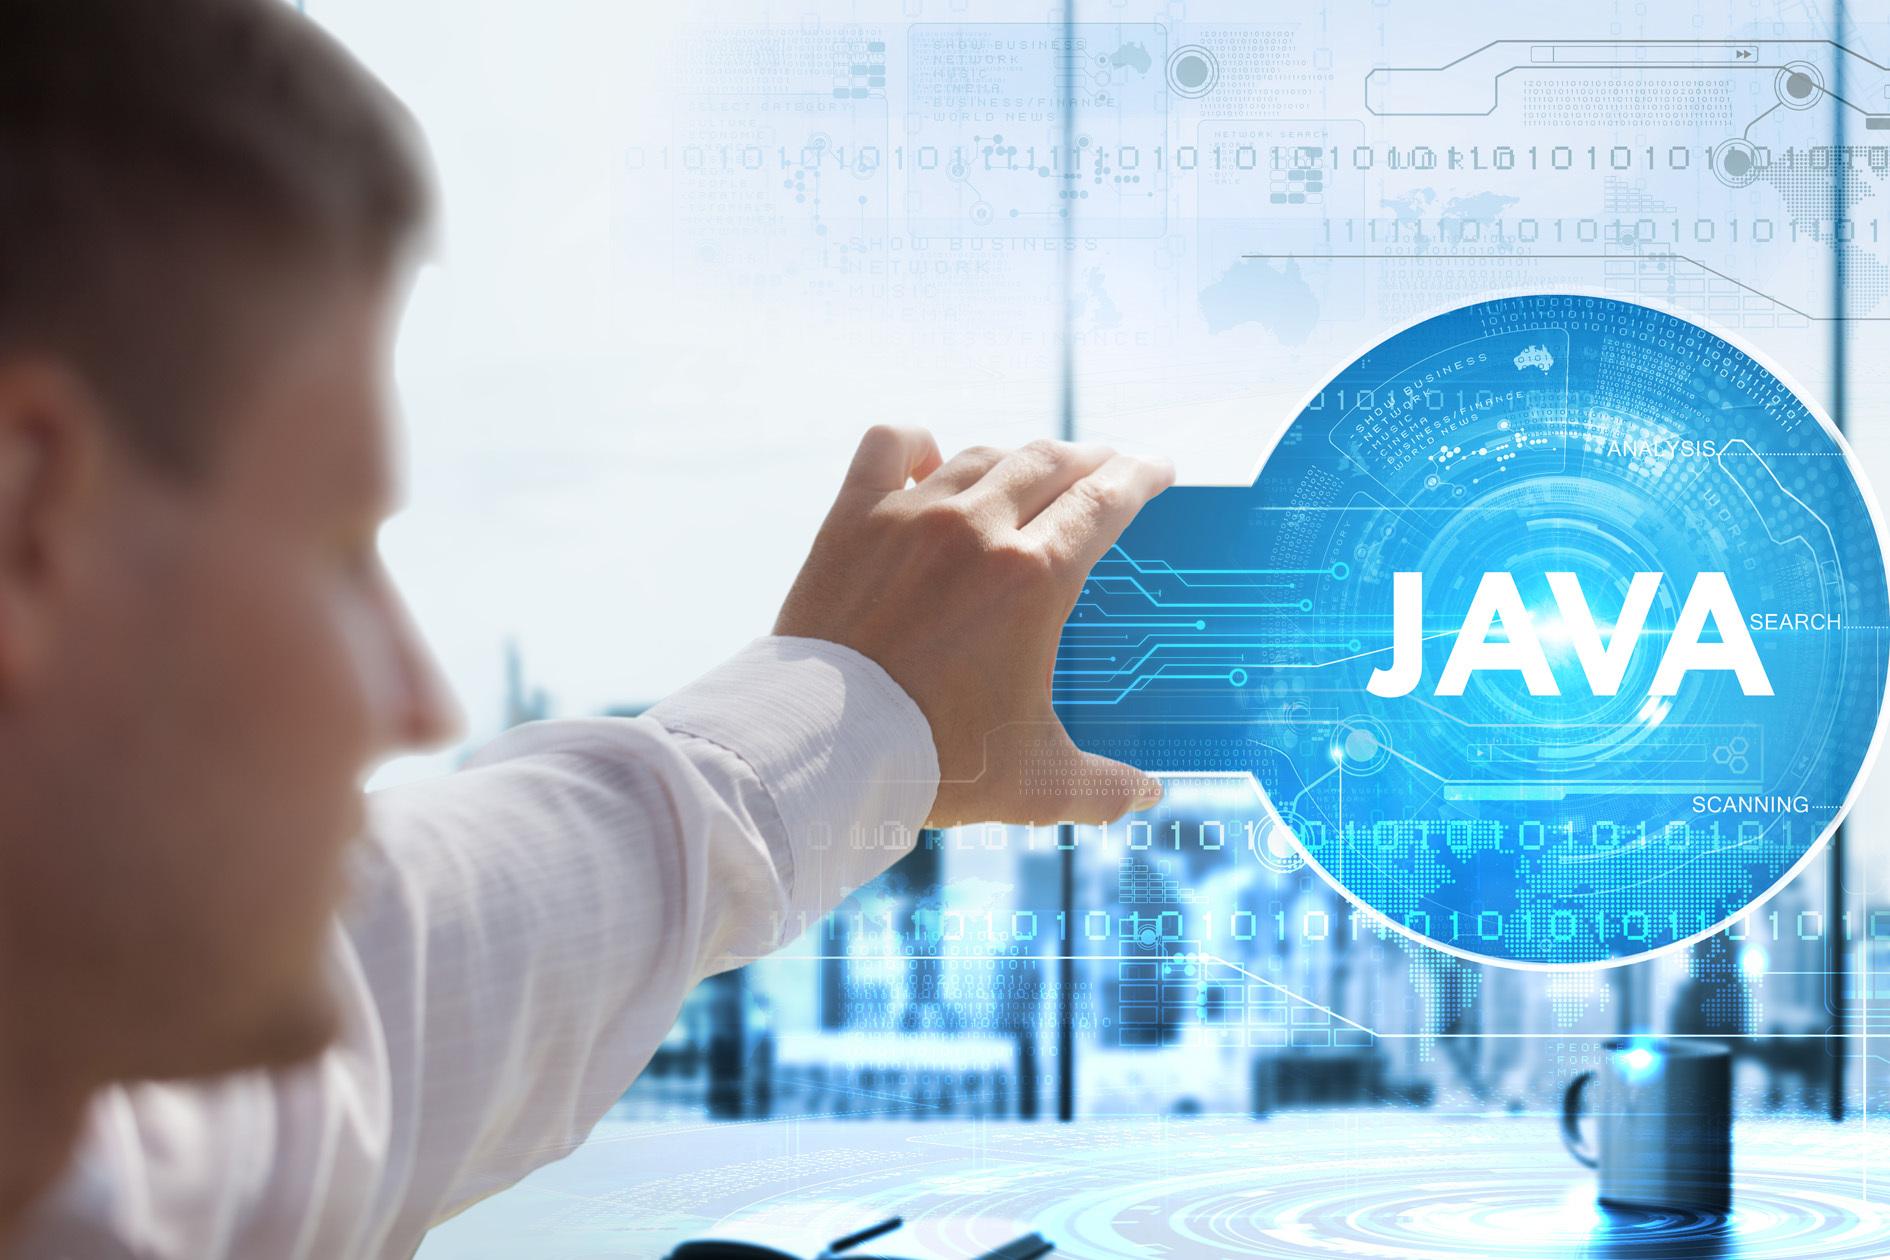 【人気のプログラミング言語Java】出来ることと他言語との比較